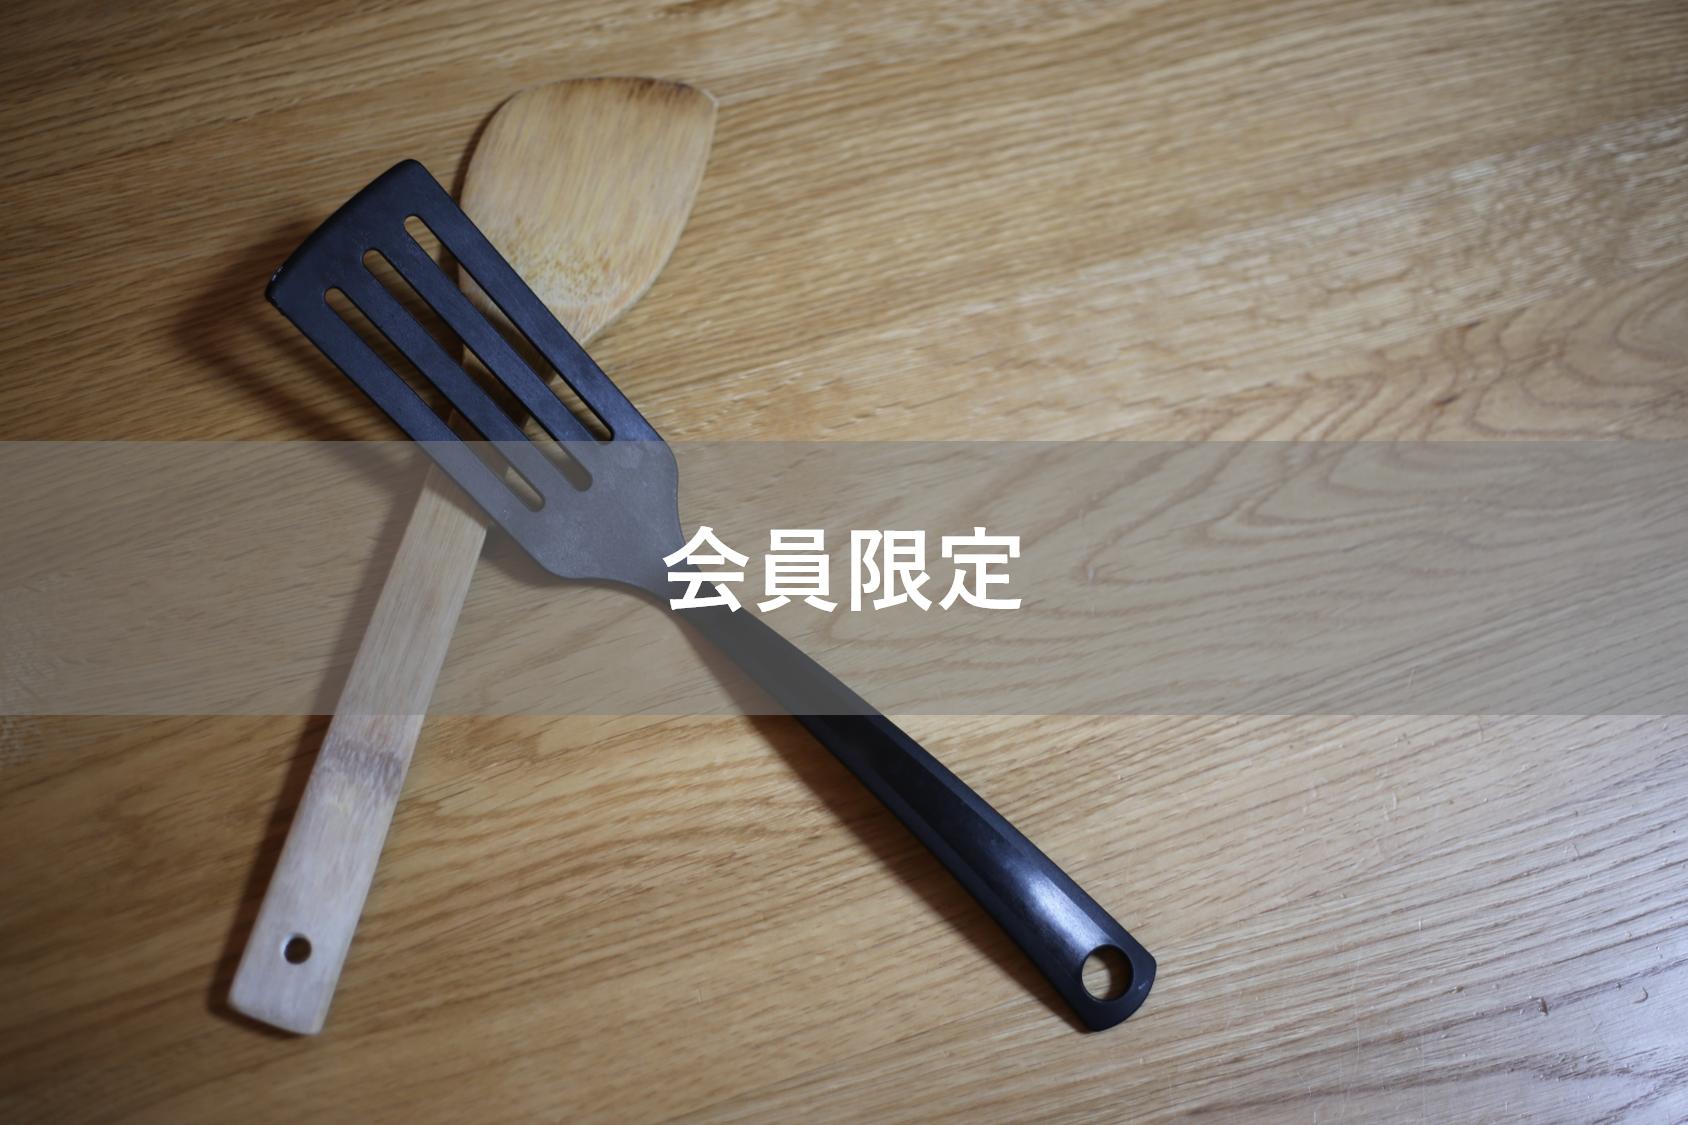 【会員限定/ note記事】『ご飯作り』には深く恐ろしい意味がある